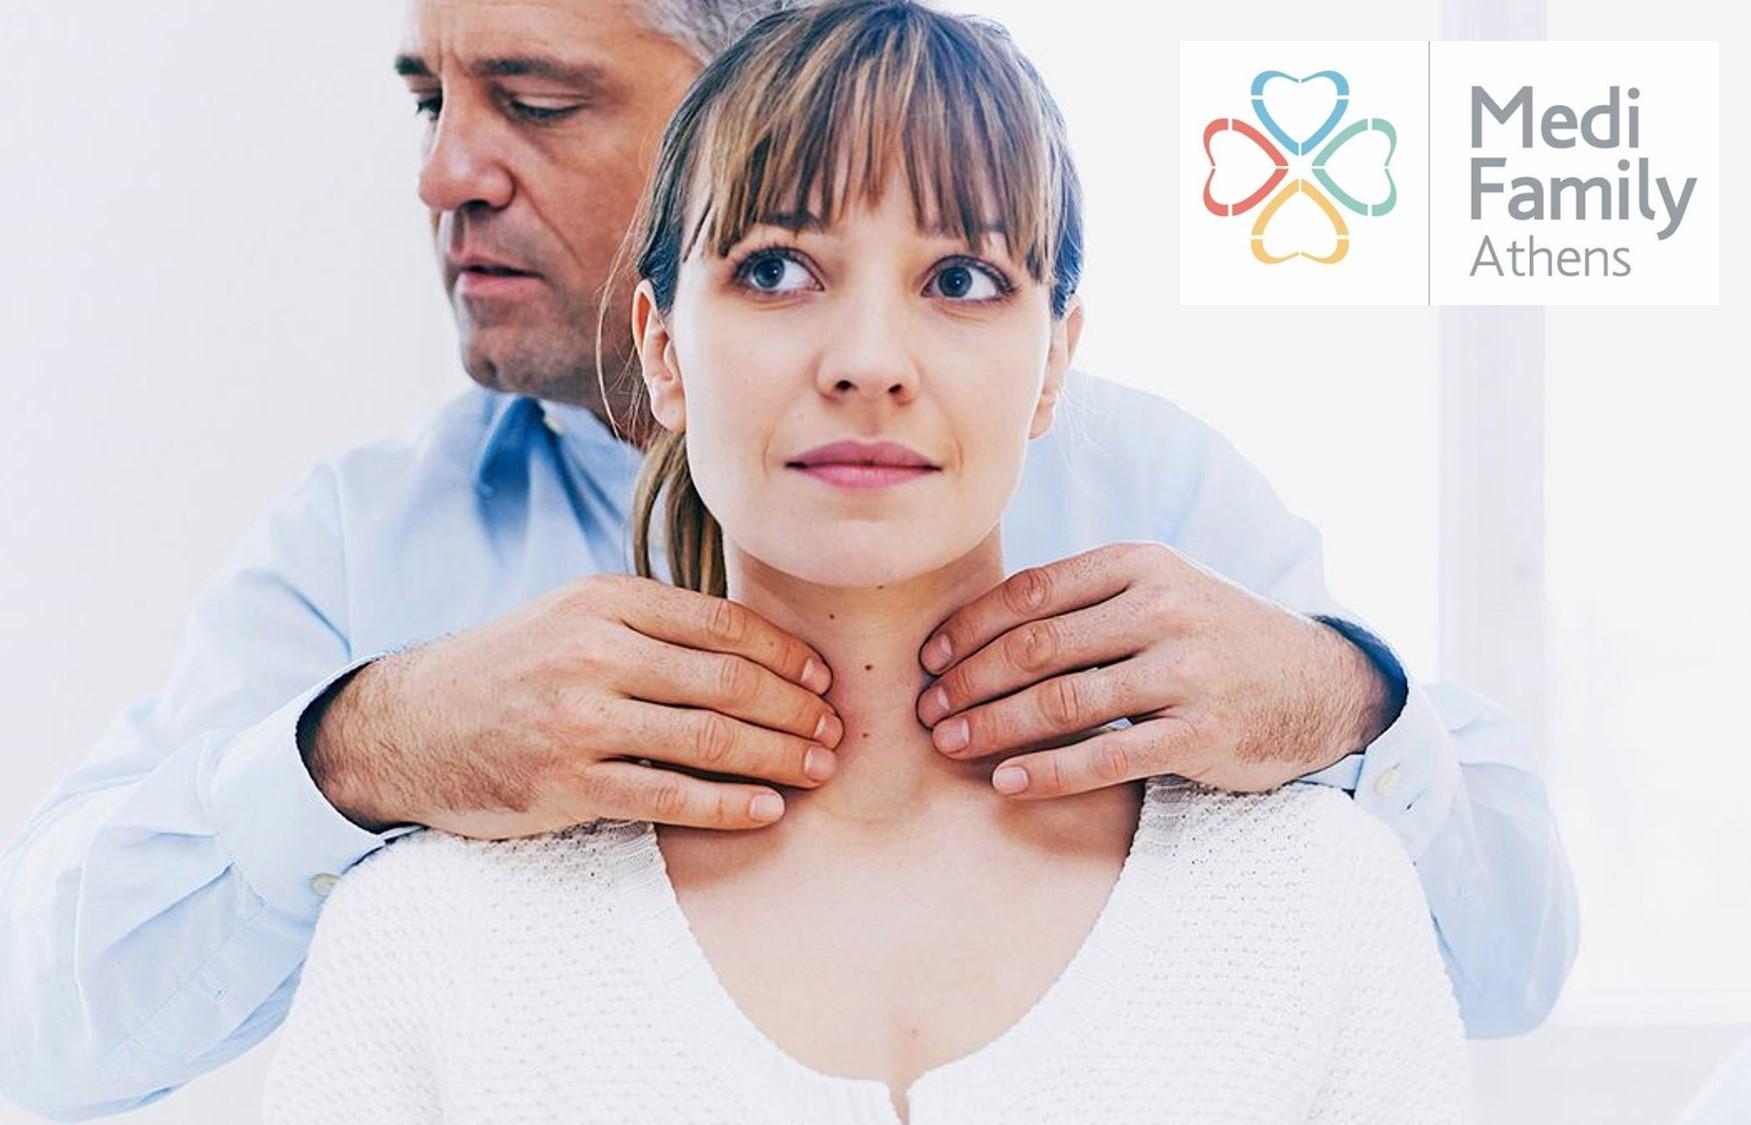 28€ από 150€ για Πλήρη Θυρεοειδικό Έλεγχο (Υπέρηχο Θυρεοειδούς με Τ3,Τ4,TSH και κλινική εξέταση από ιατρό ενδοκρινολόγο) στο ''Medi Family Athens''